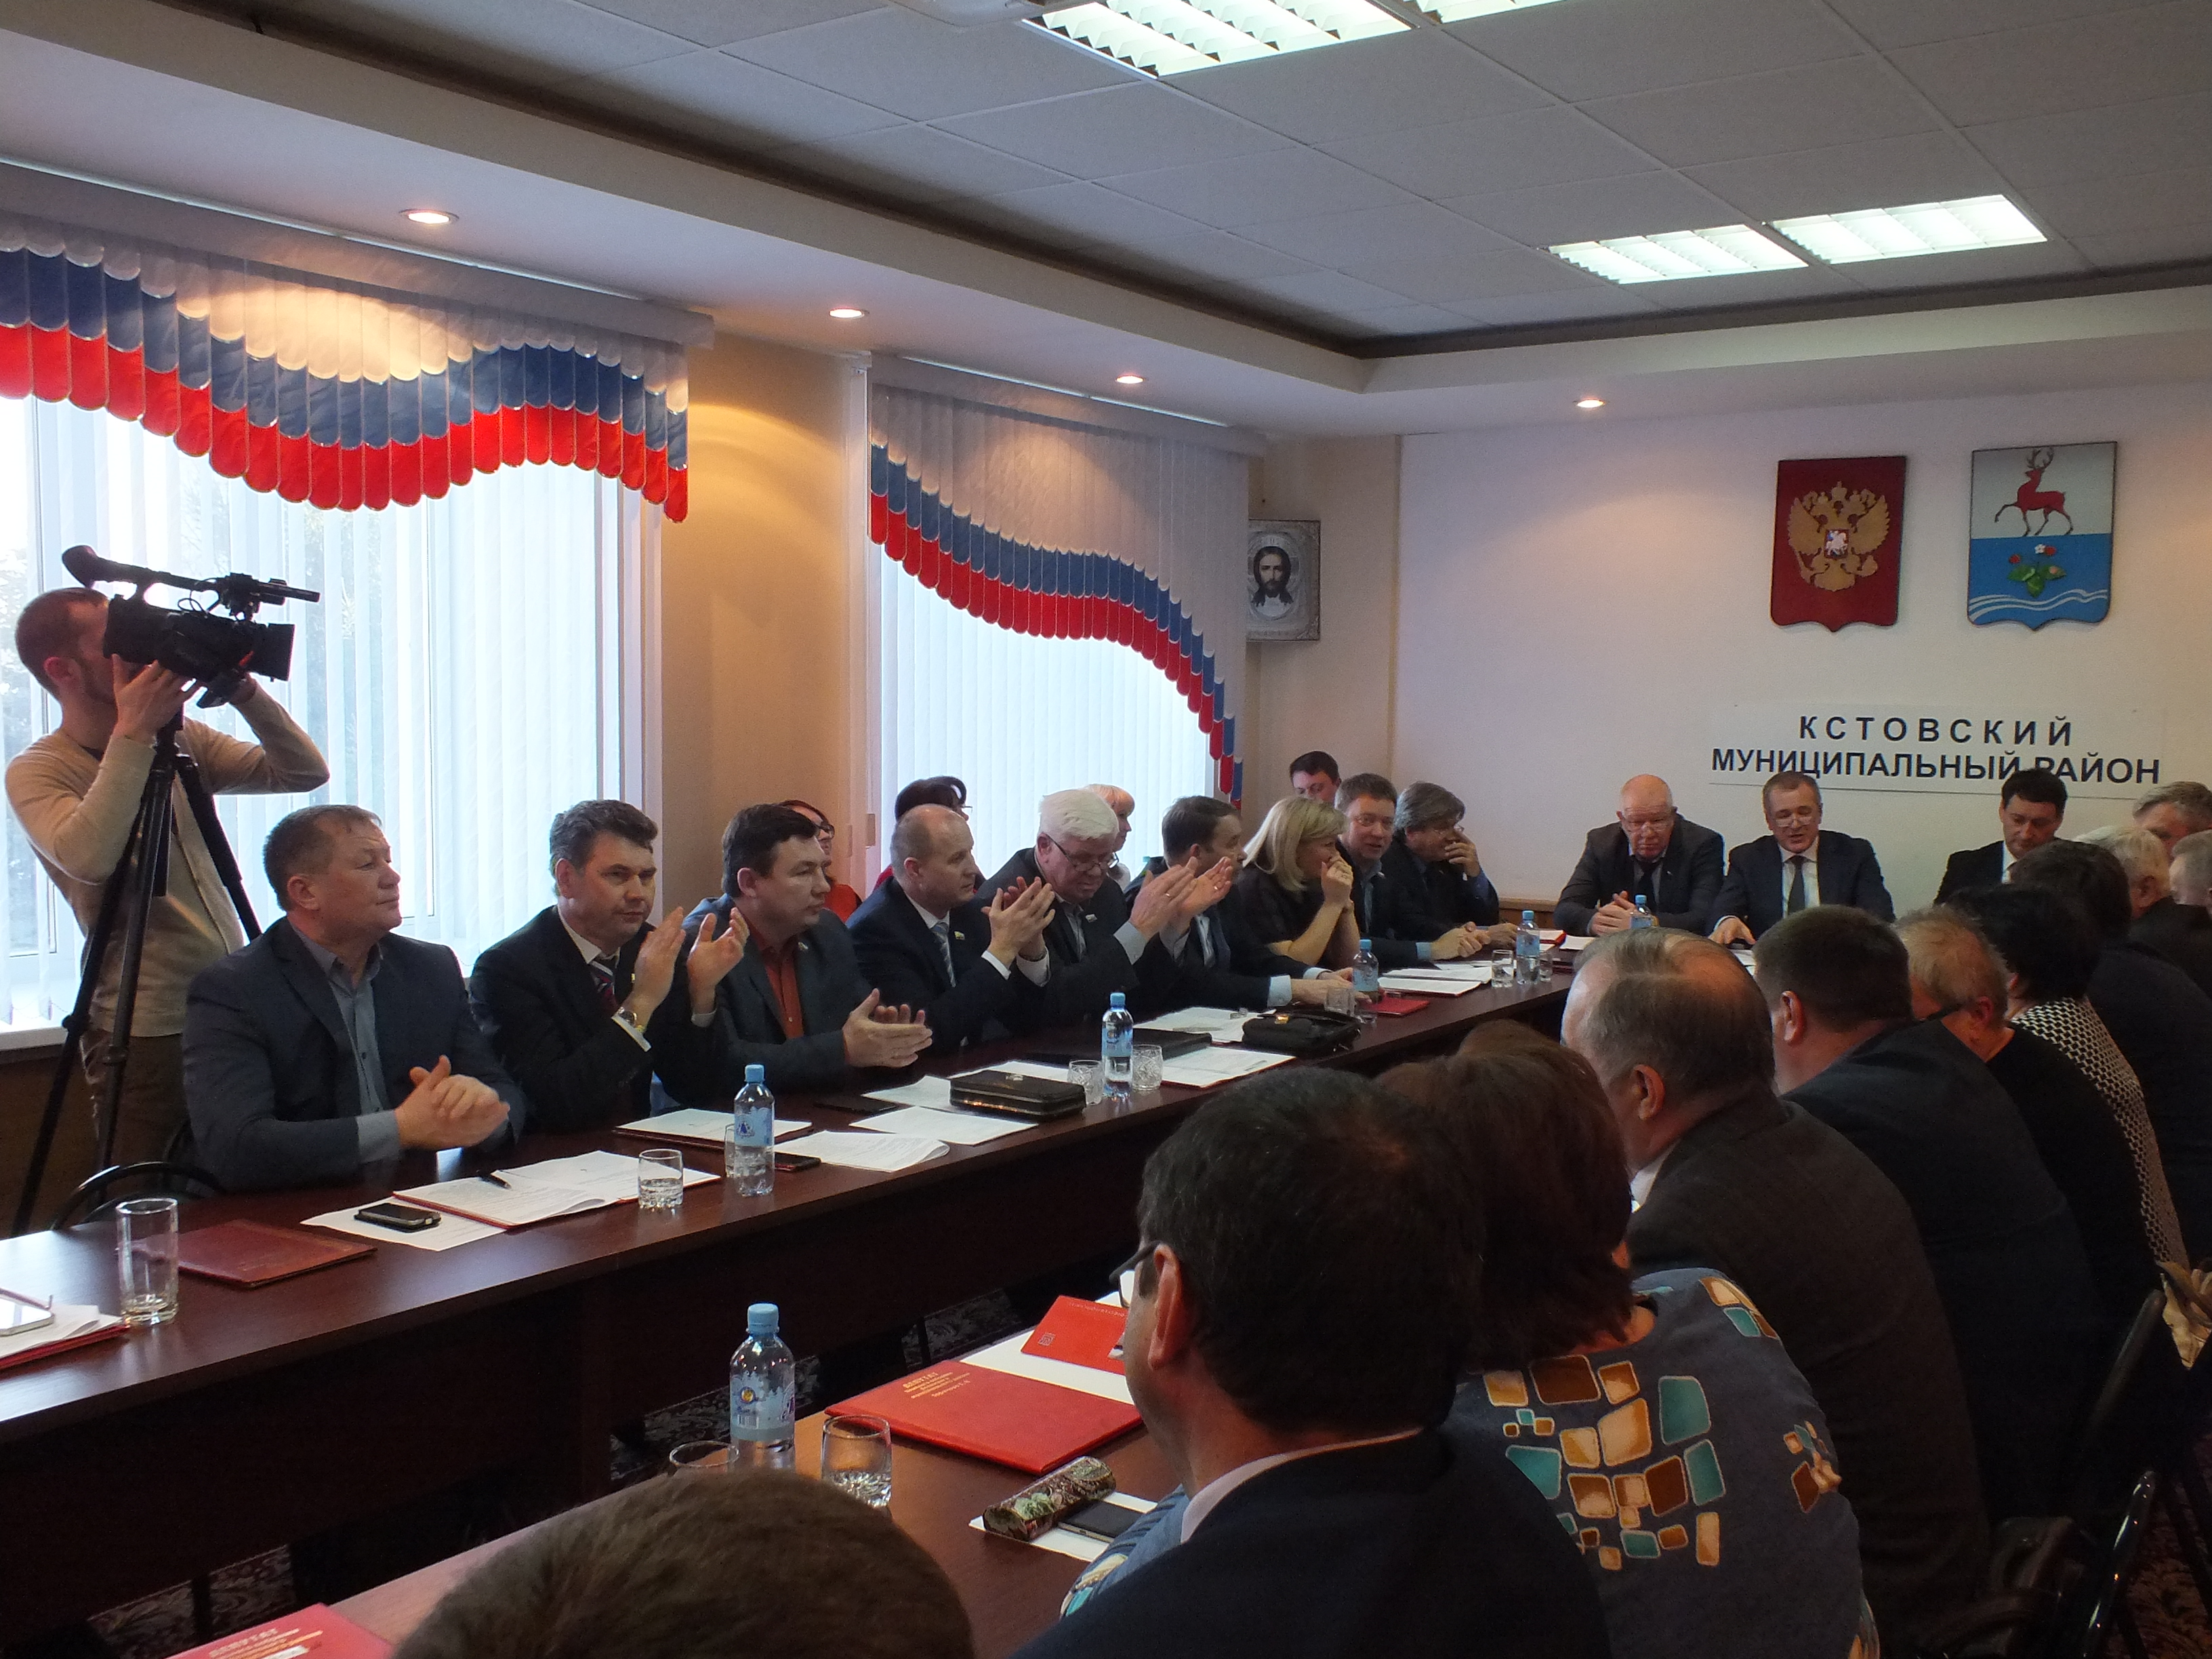 Виталий Ковалев избран главой кстовской администрации